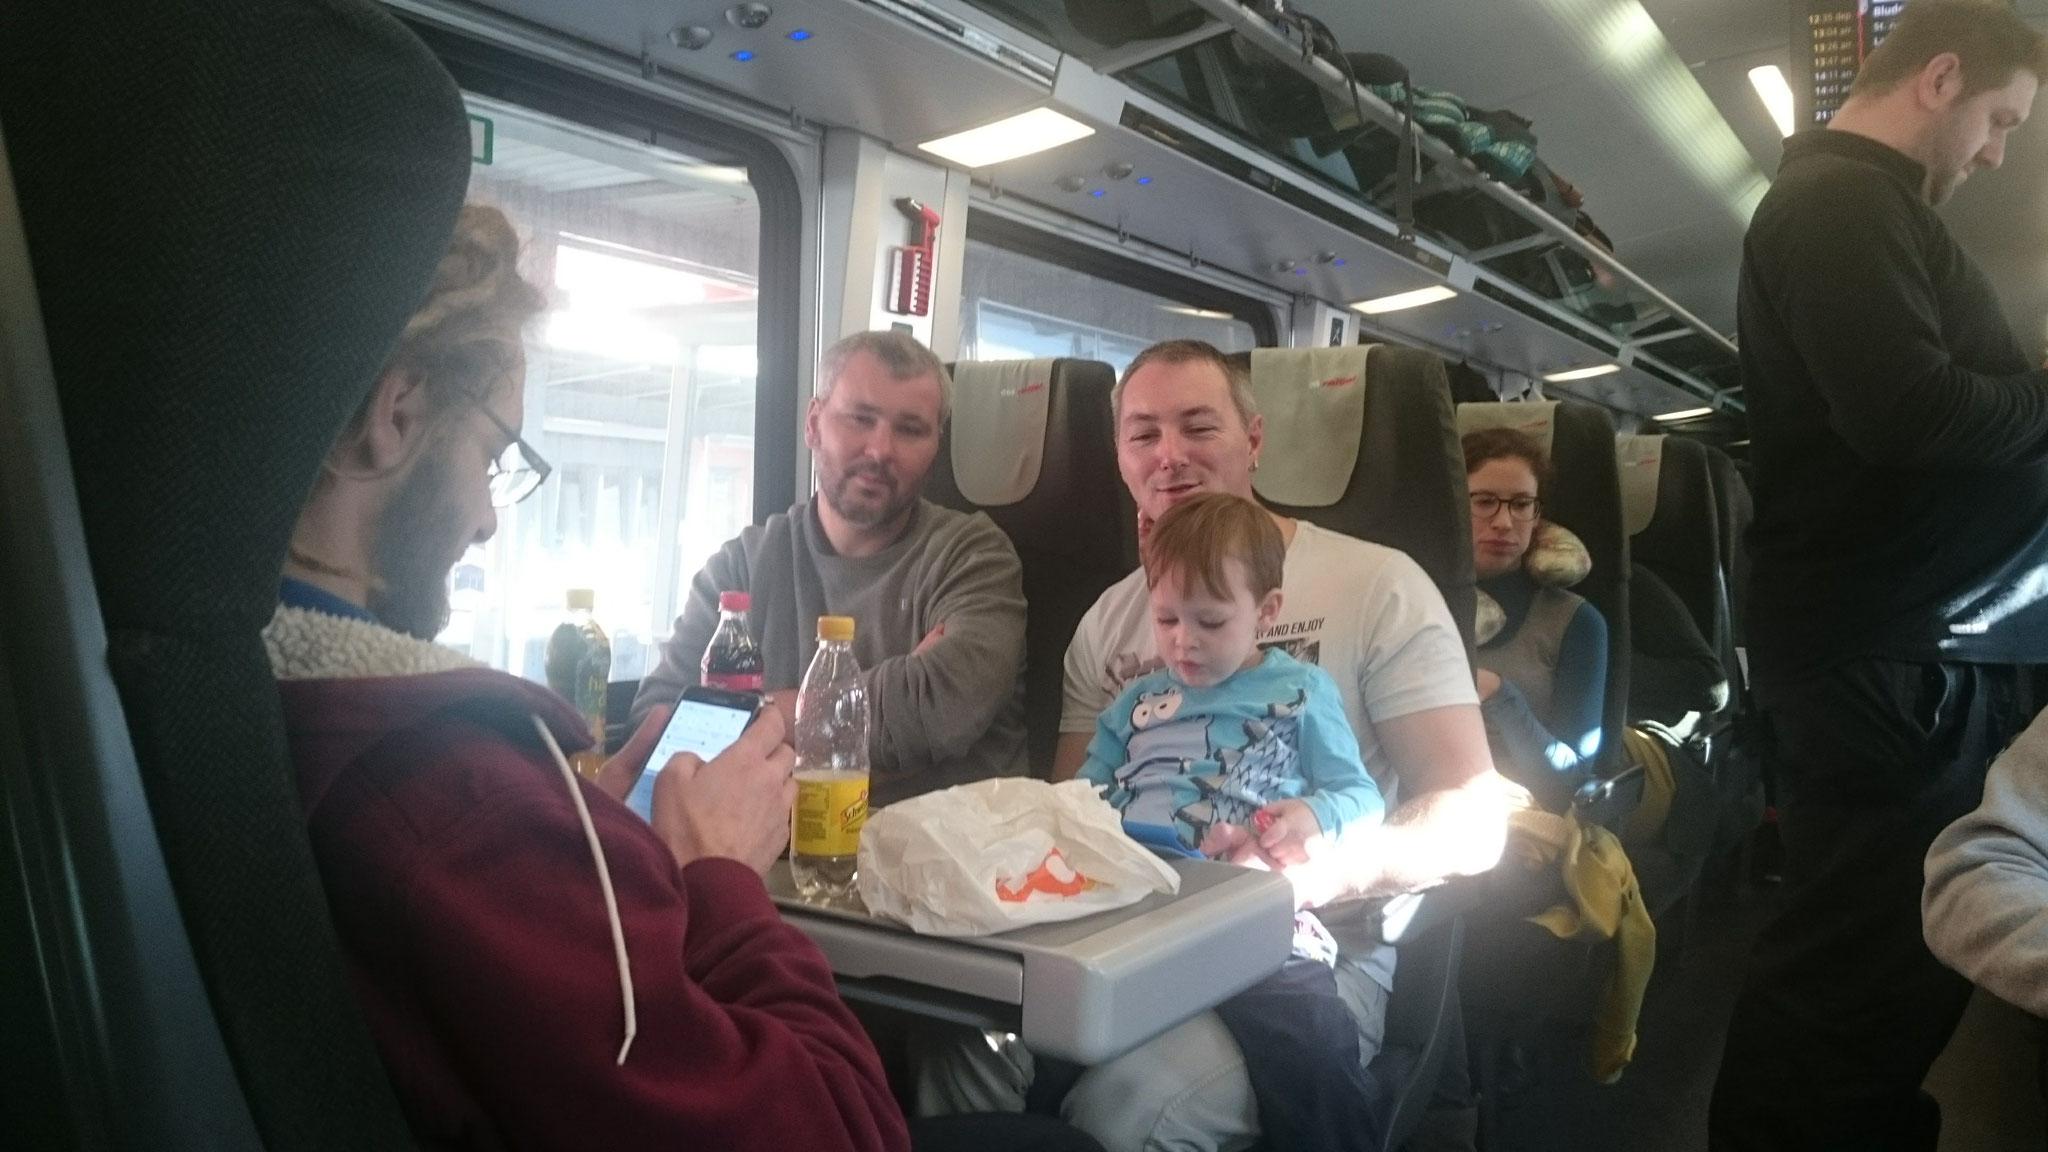 Zur Mittagszeit - Abfahrt nach Wien